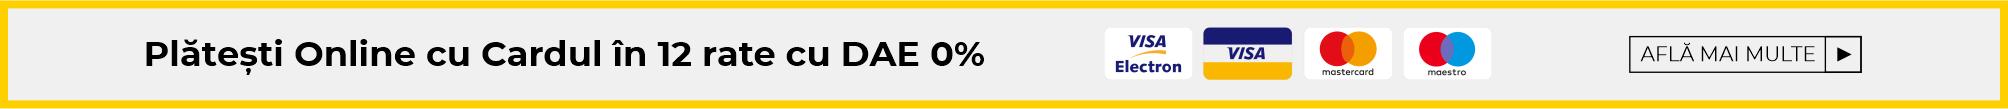 Plătește Online în 12 rate cu DAE 0%